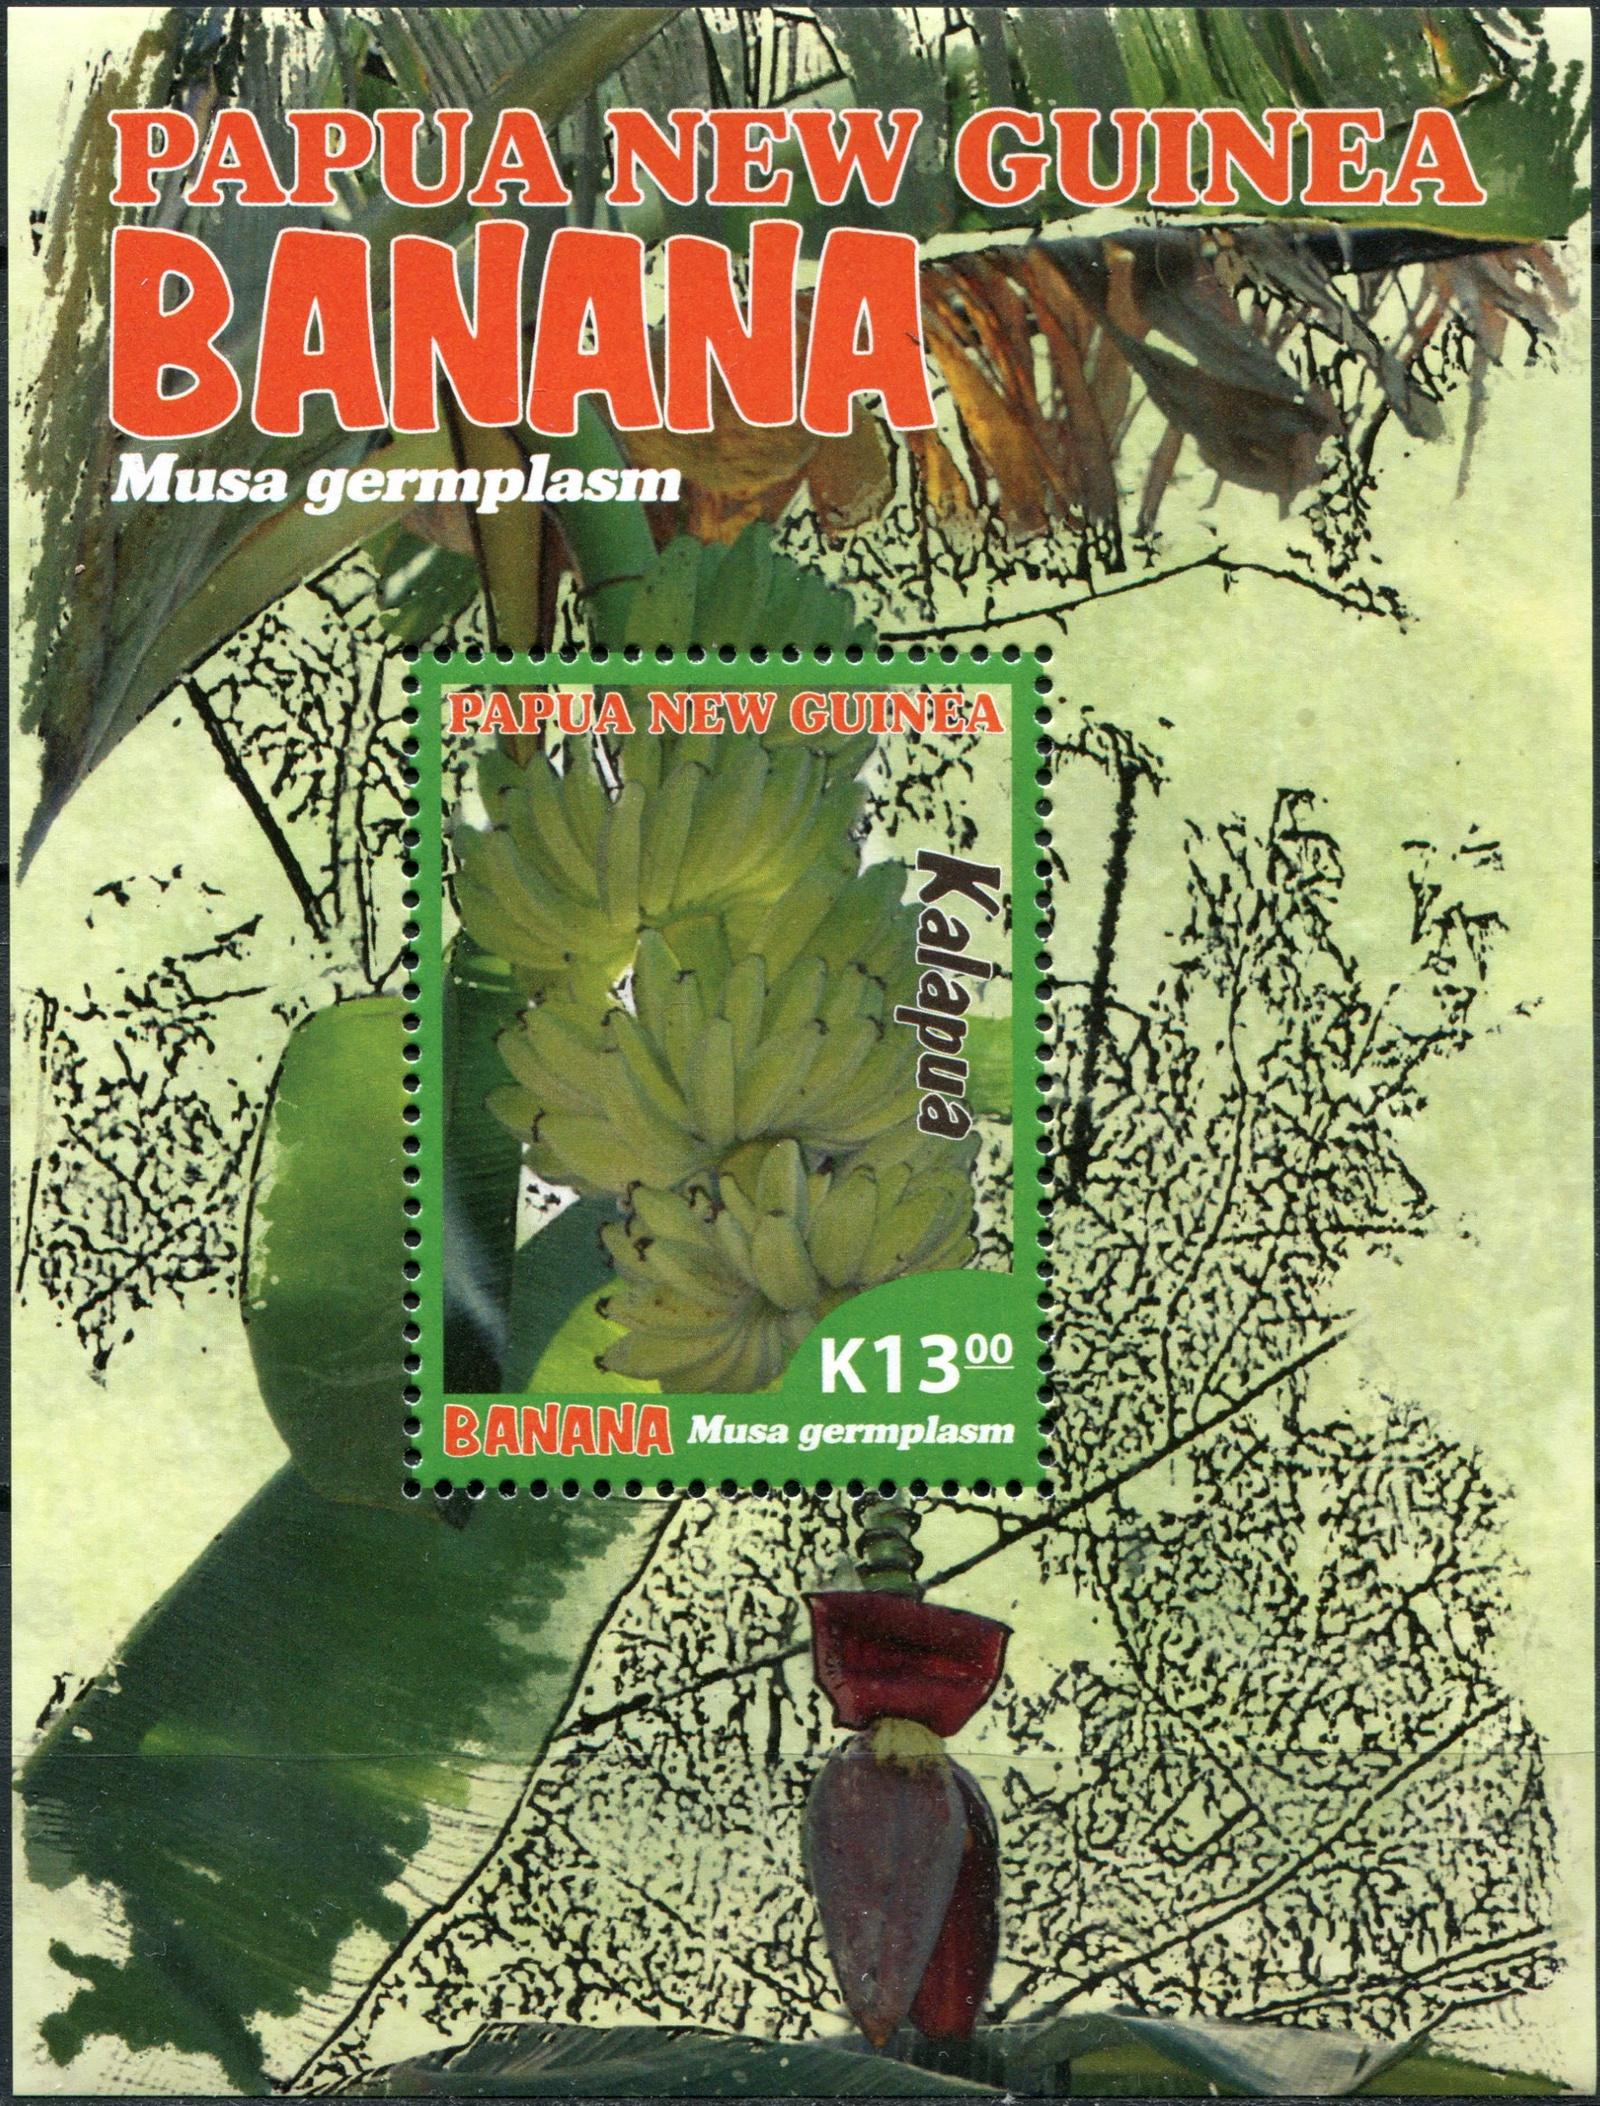 Папуа Новая Гвинея. 2017. Местные виды бананов Папуа Новой Гвинеи (Блок. MNH OG) папуа новая гвинея 2017 500 лет реформации блок mnh og